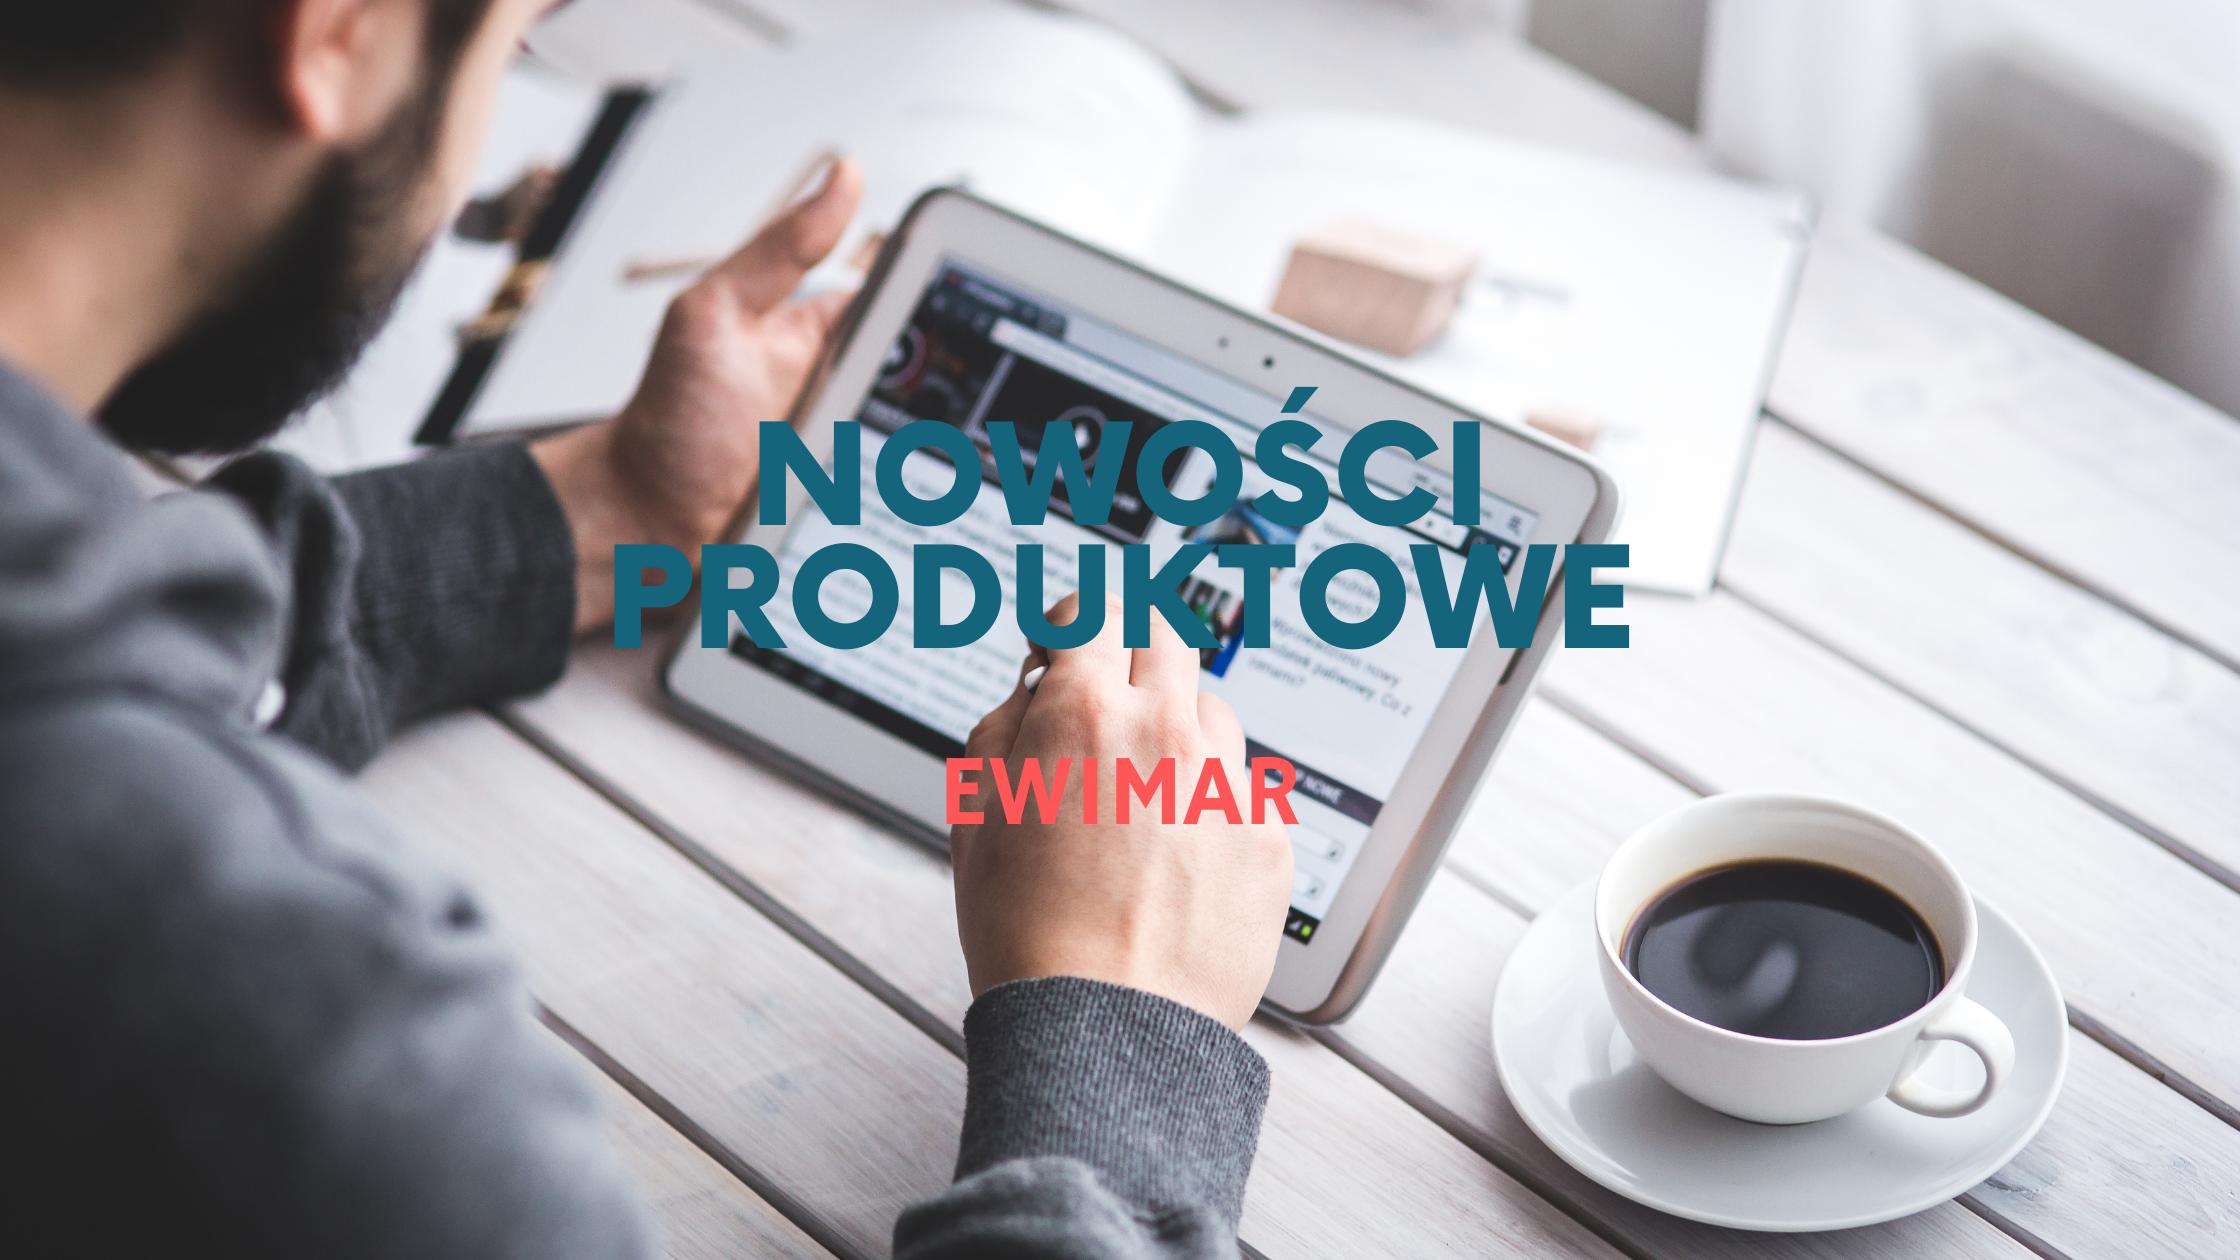 Nowości produktowe - ewimar - header